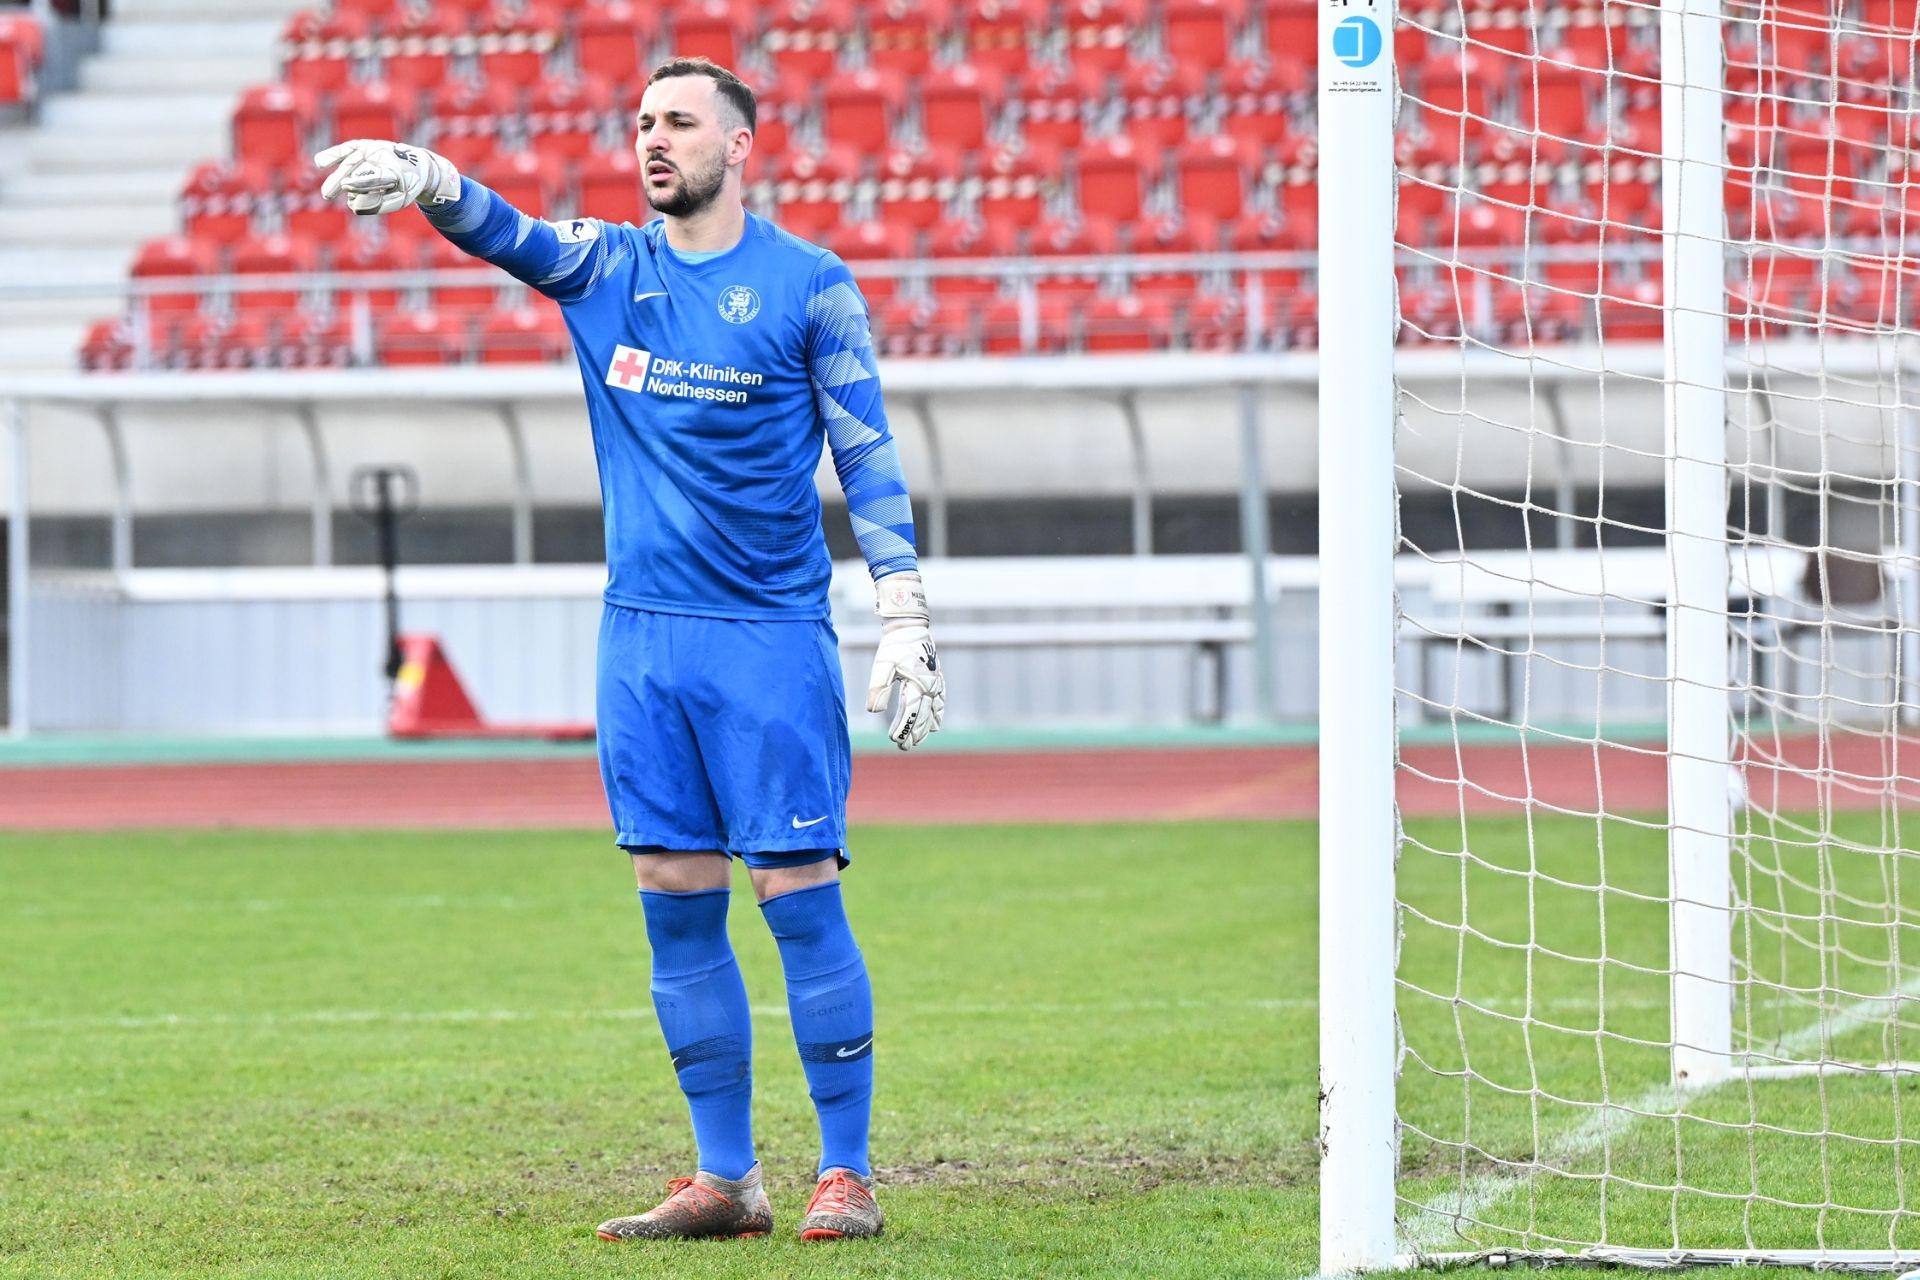 Regionalliga Südwest 2020/21, KSV Hessen Kassel, FSV Frankfurt, Endstand 2:1, Max Zunker